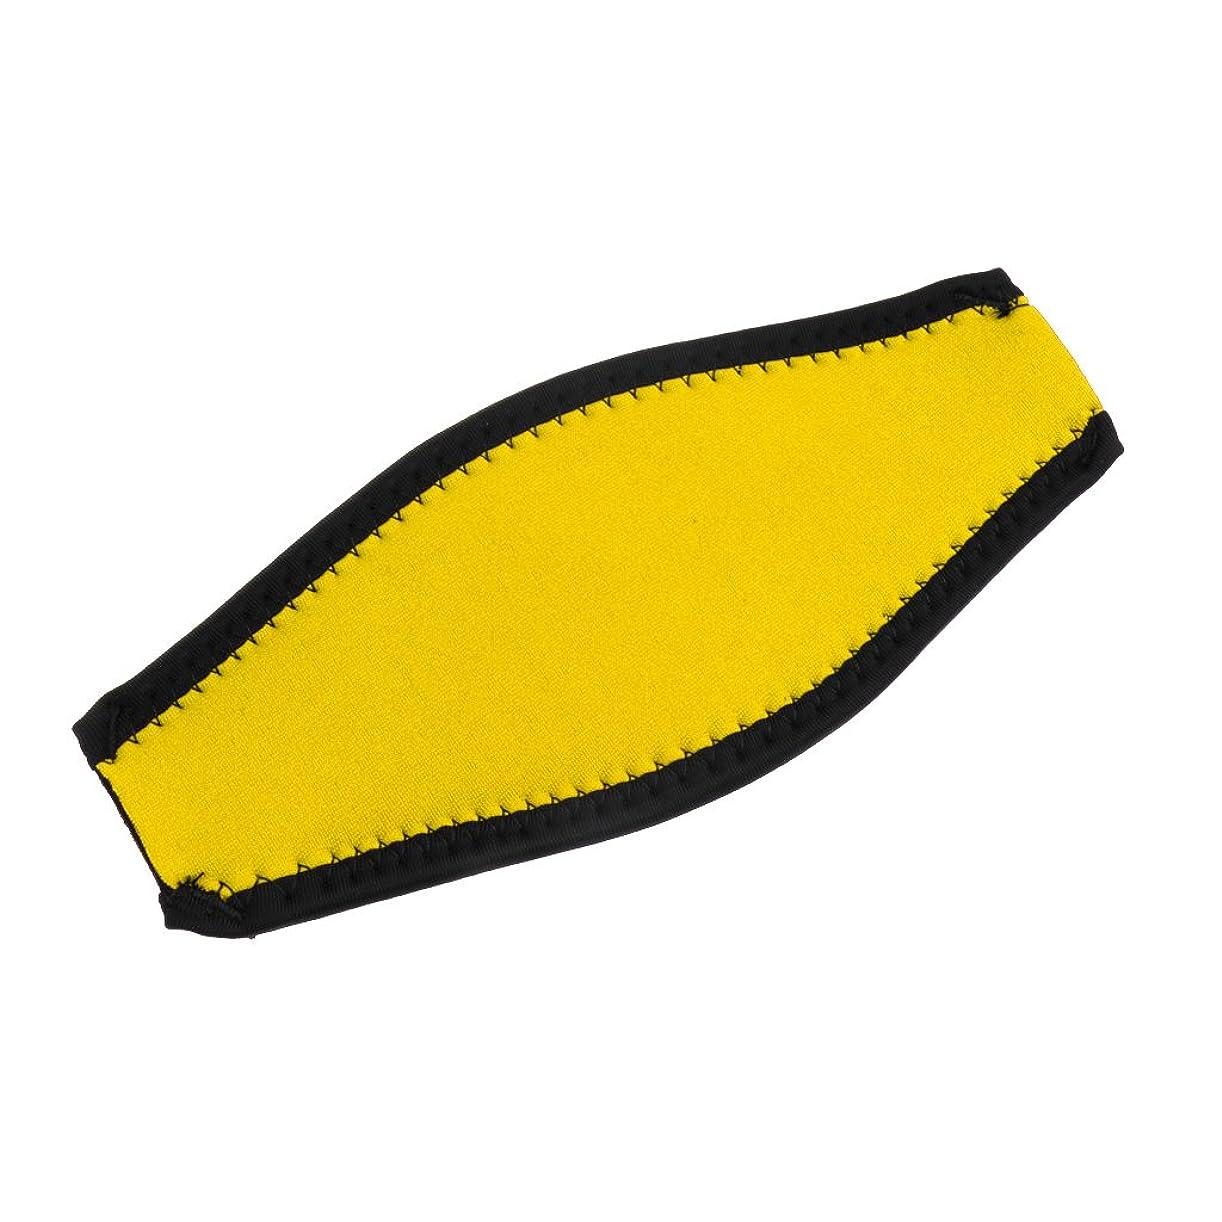 信じる不条理回転するDovewill 水泳 スキューバ ダイビング マスクストラップ カバー ネオプレン 快適 全9色選べる - 黄